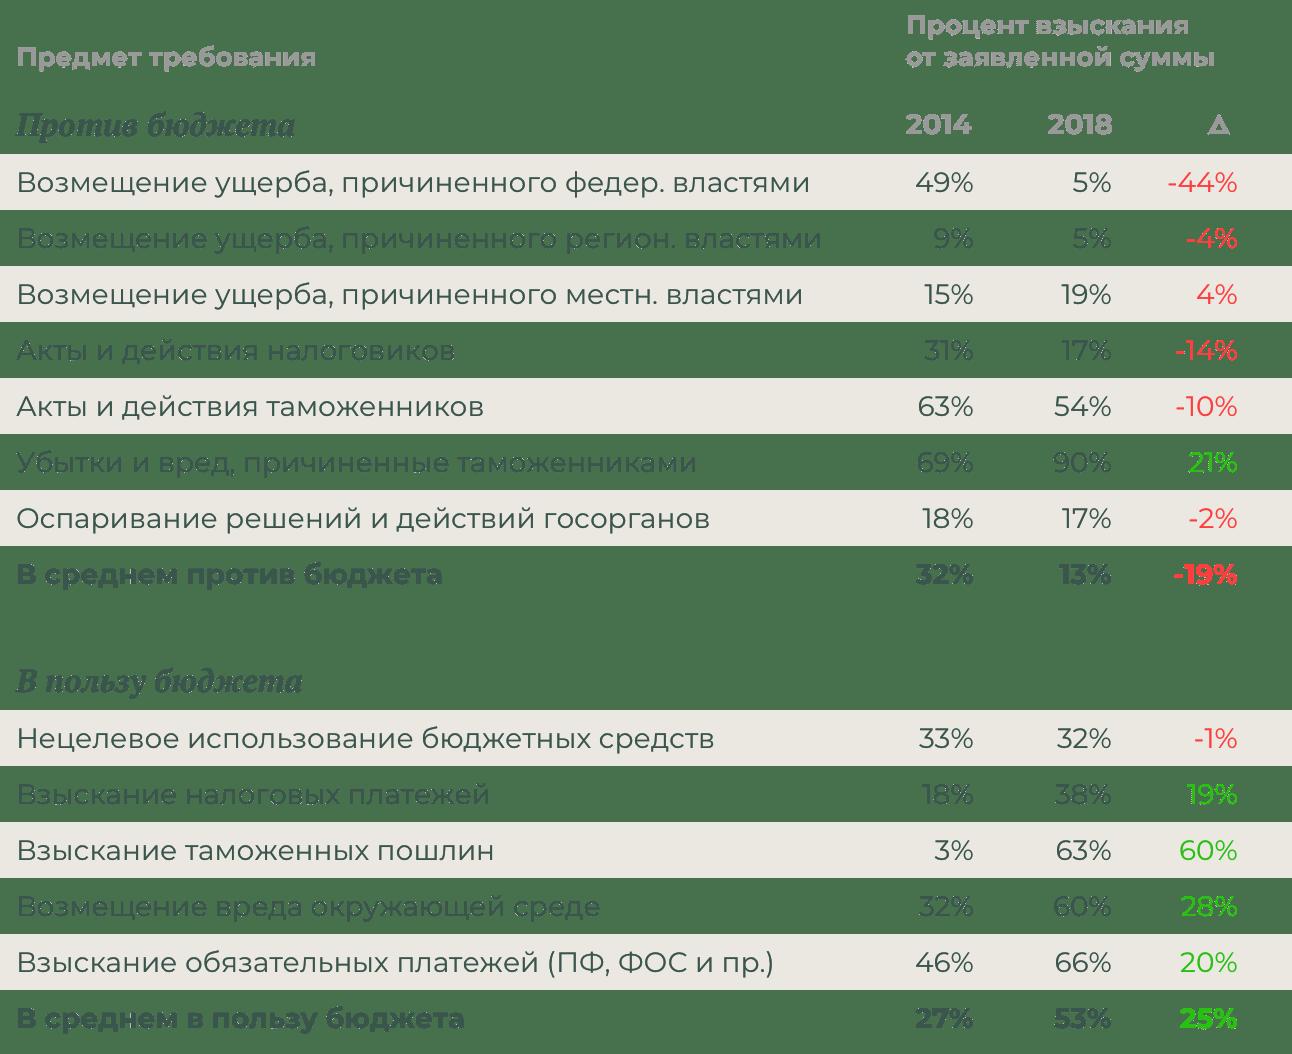 После поглощения арбитражных судов Верховным судом под руководством Вячеслава Лебедева, суды стали взыскивать реже сгосударства ичаще сграждан